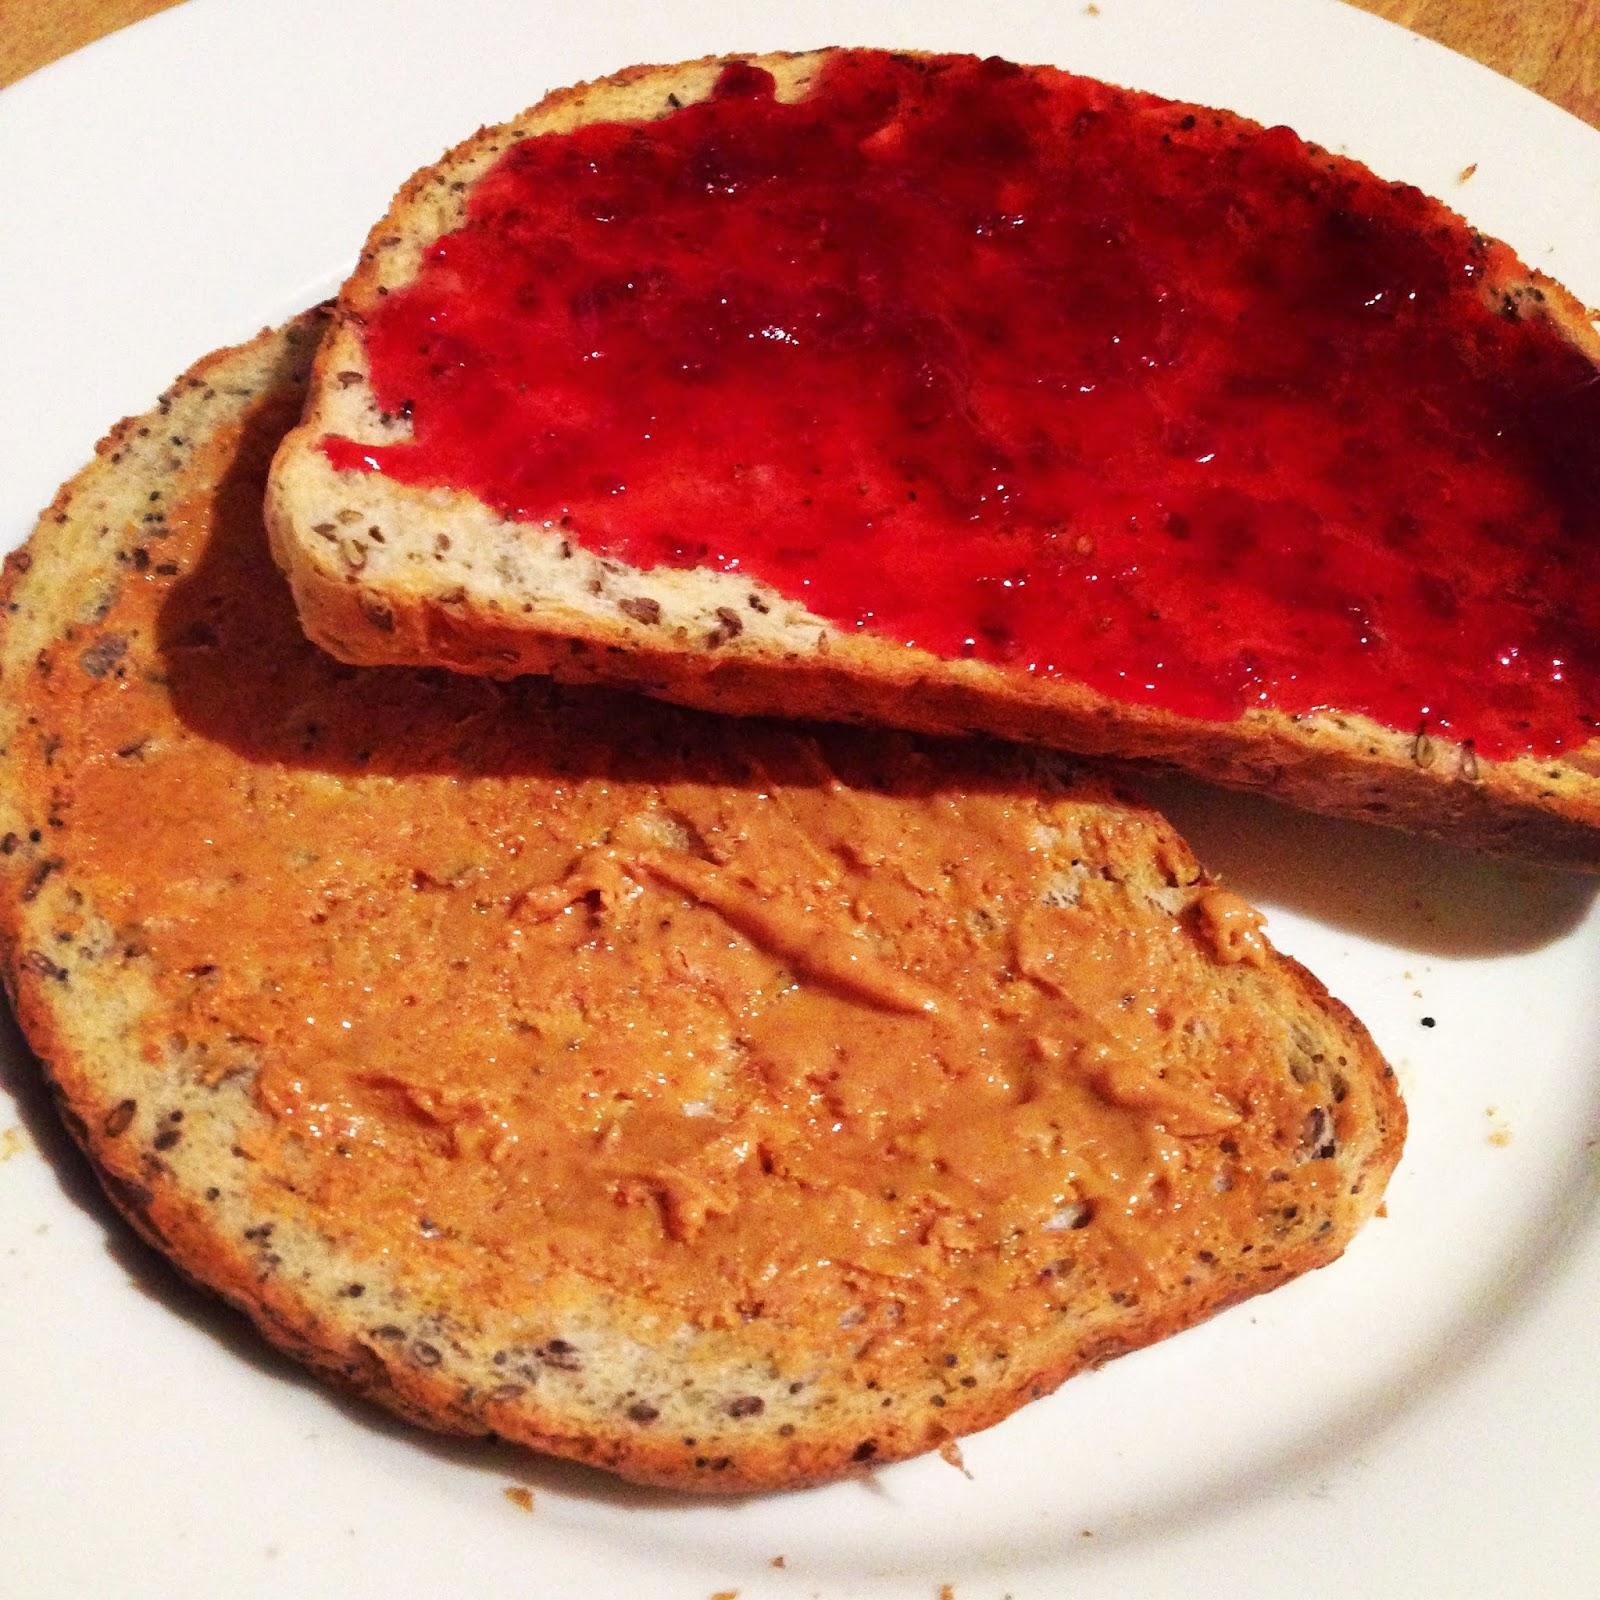 PB & J on toast breakfast of champions